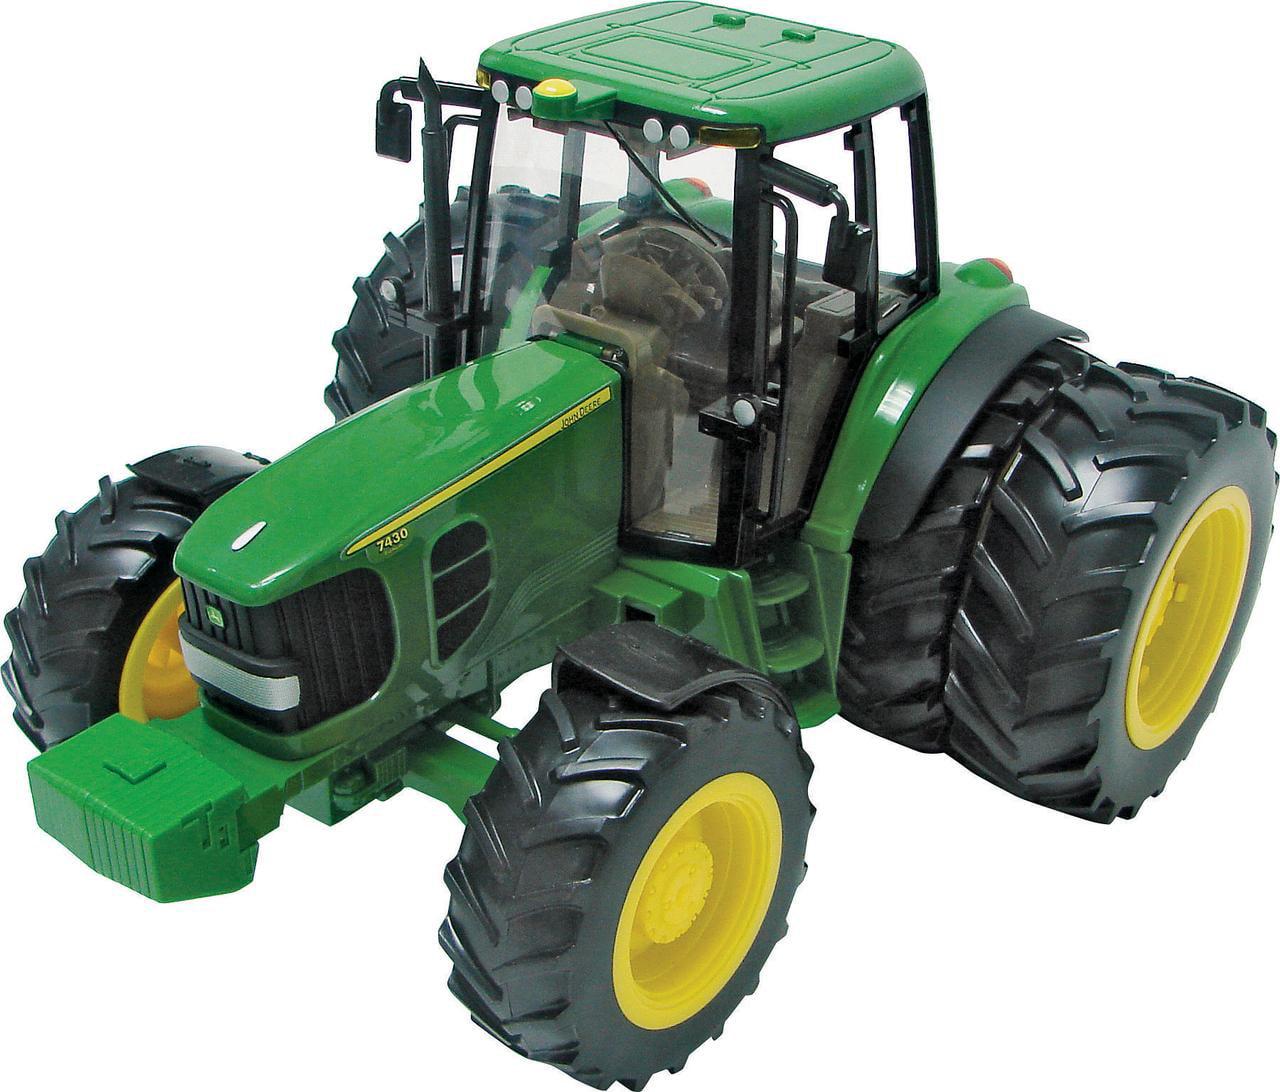 Ertl Big Farm 1:16 John Deere 7530 Tractor With Duals by John Deere